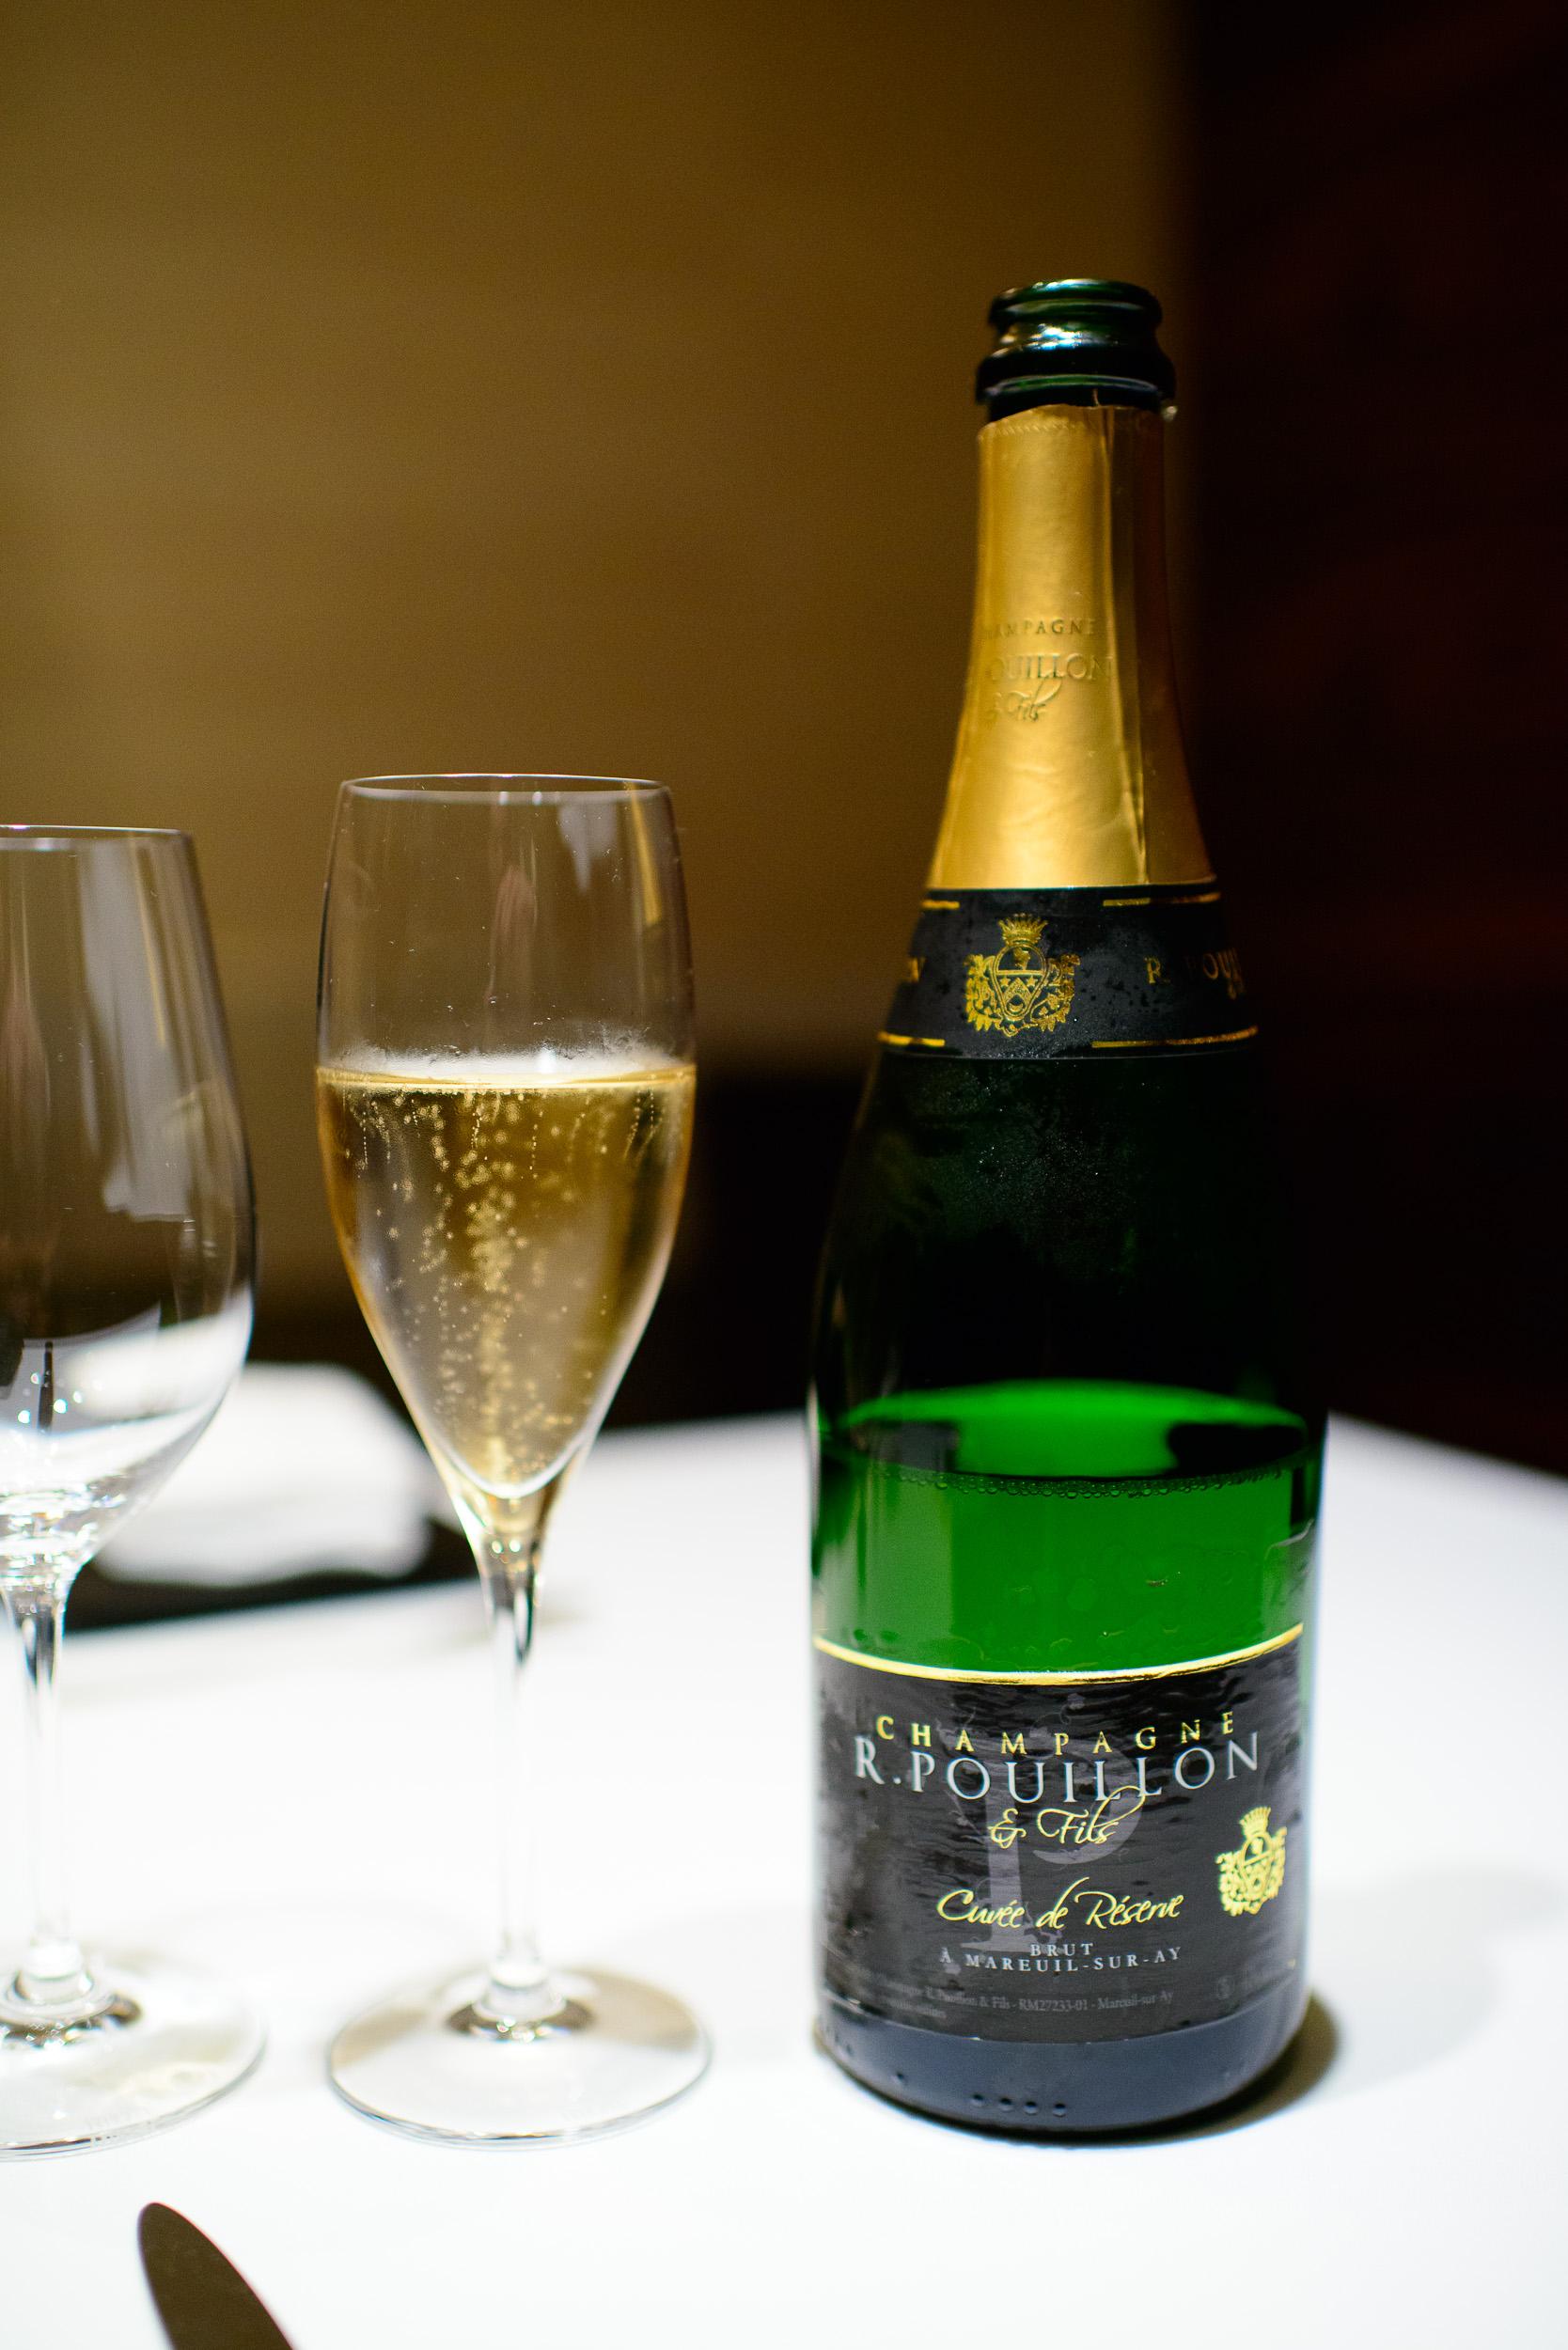 Champagne R. Pouillon